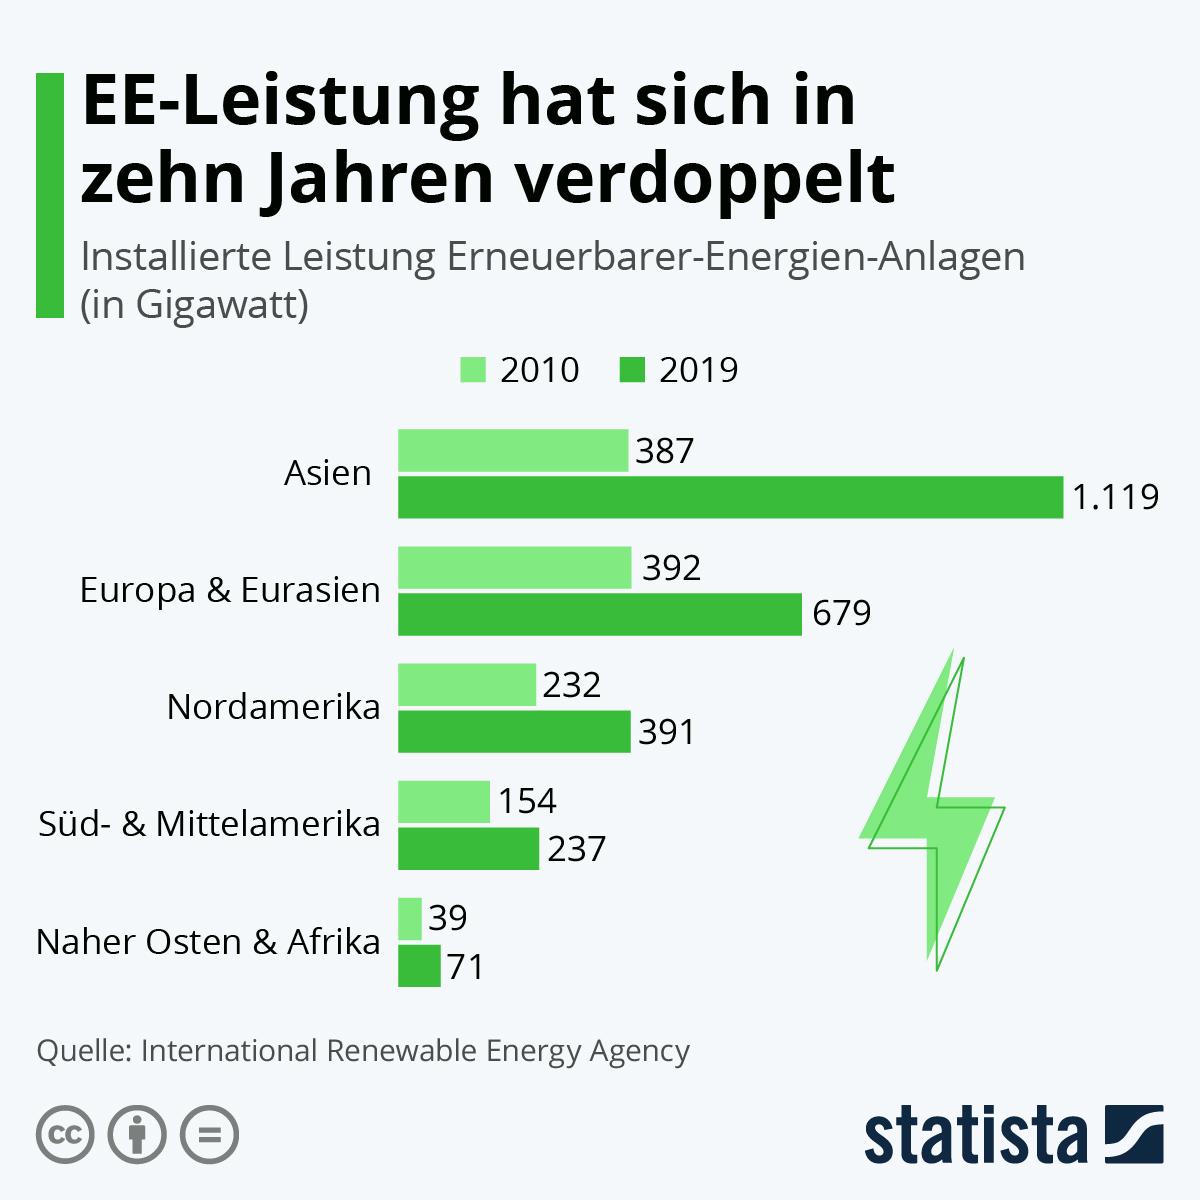 Infografik: EE-Leistung hat sich in zehn Jahren verdoppelt | Statista